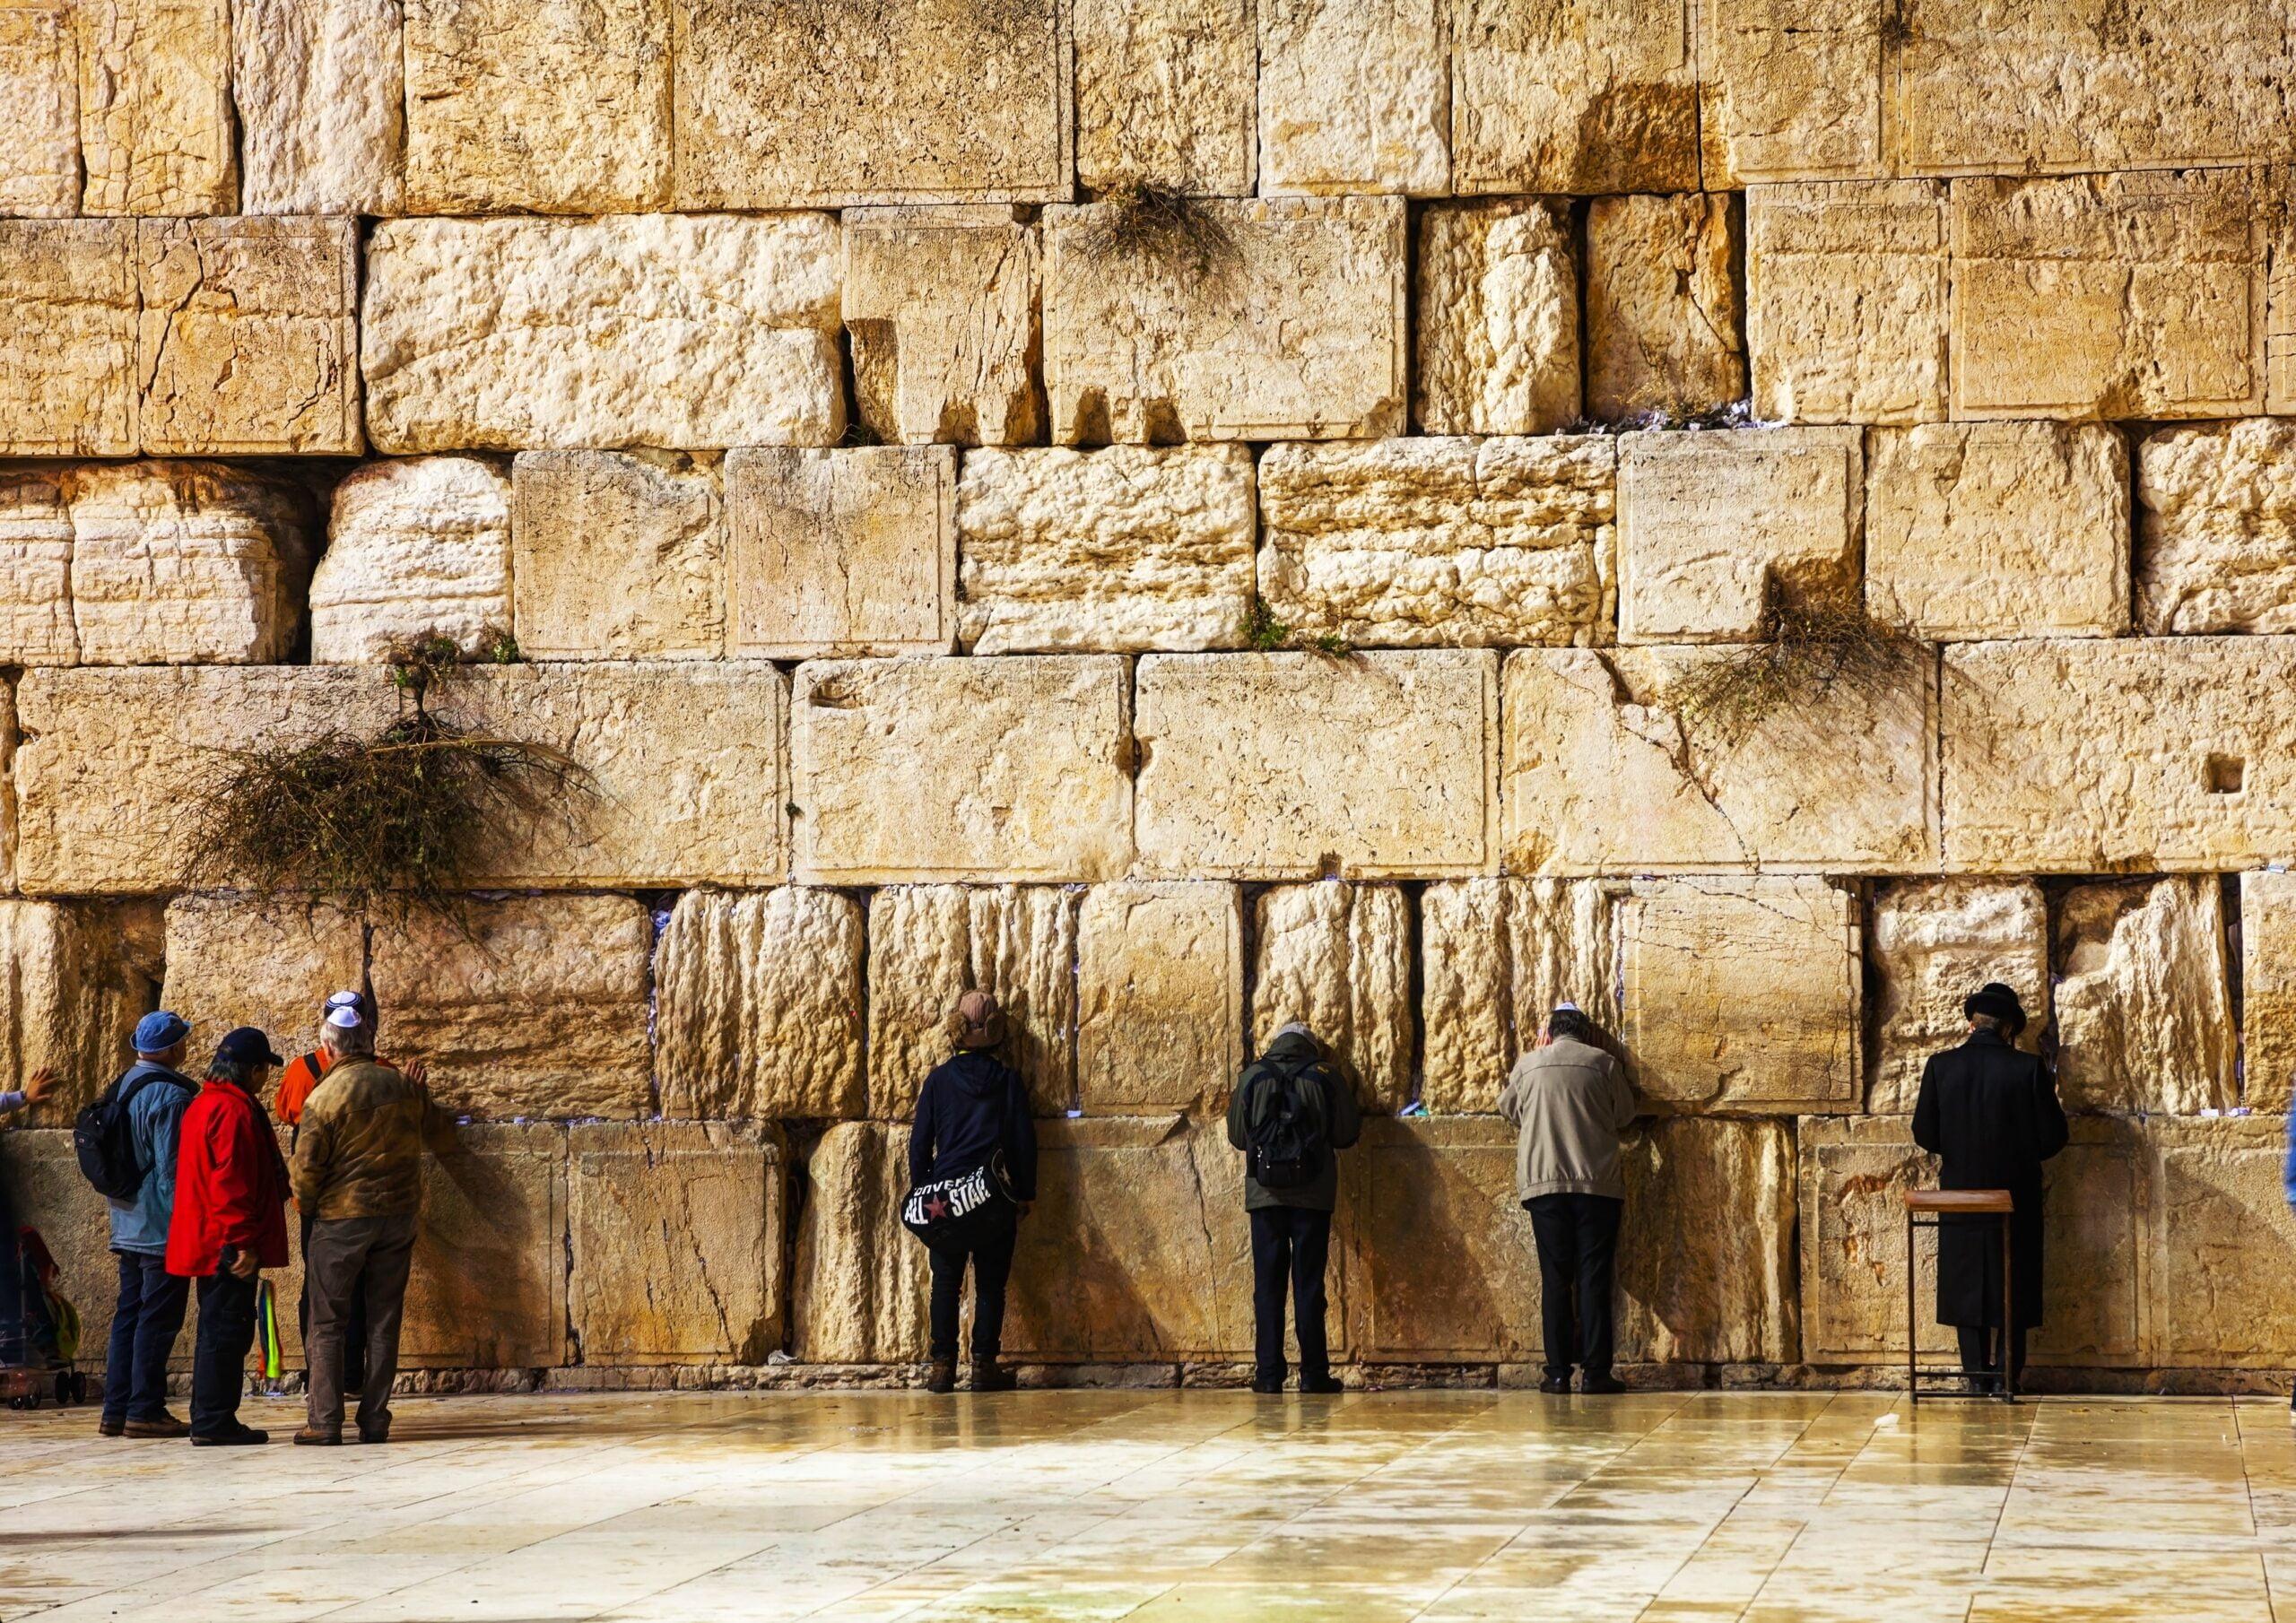 zidul plangerii scaled